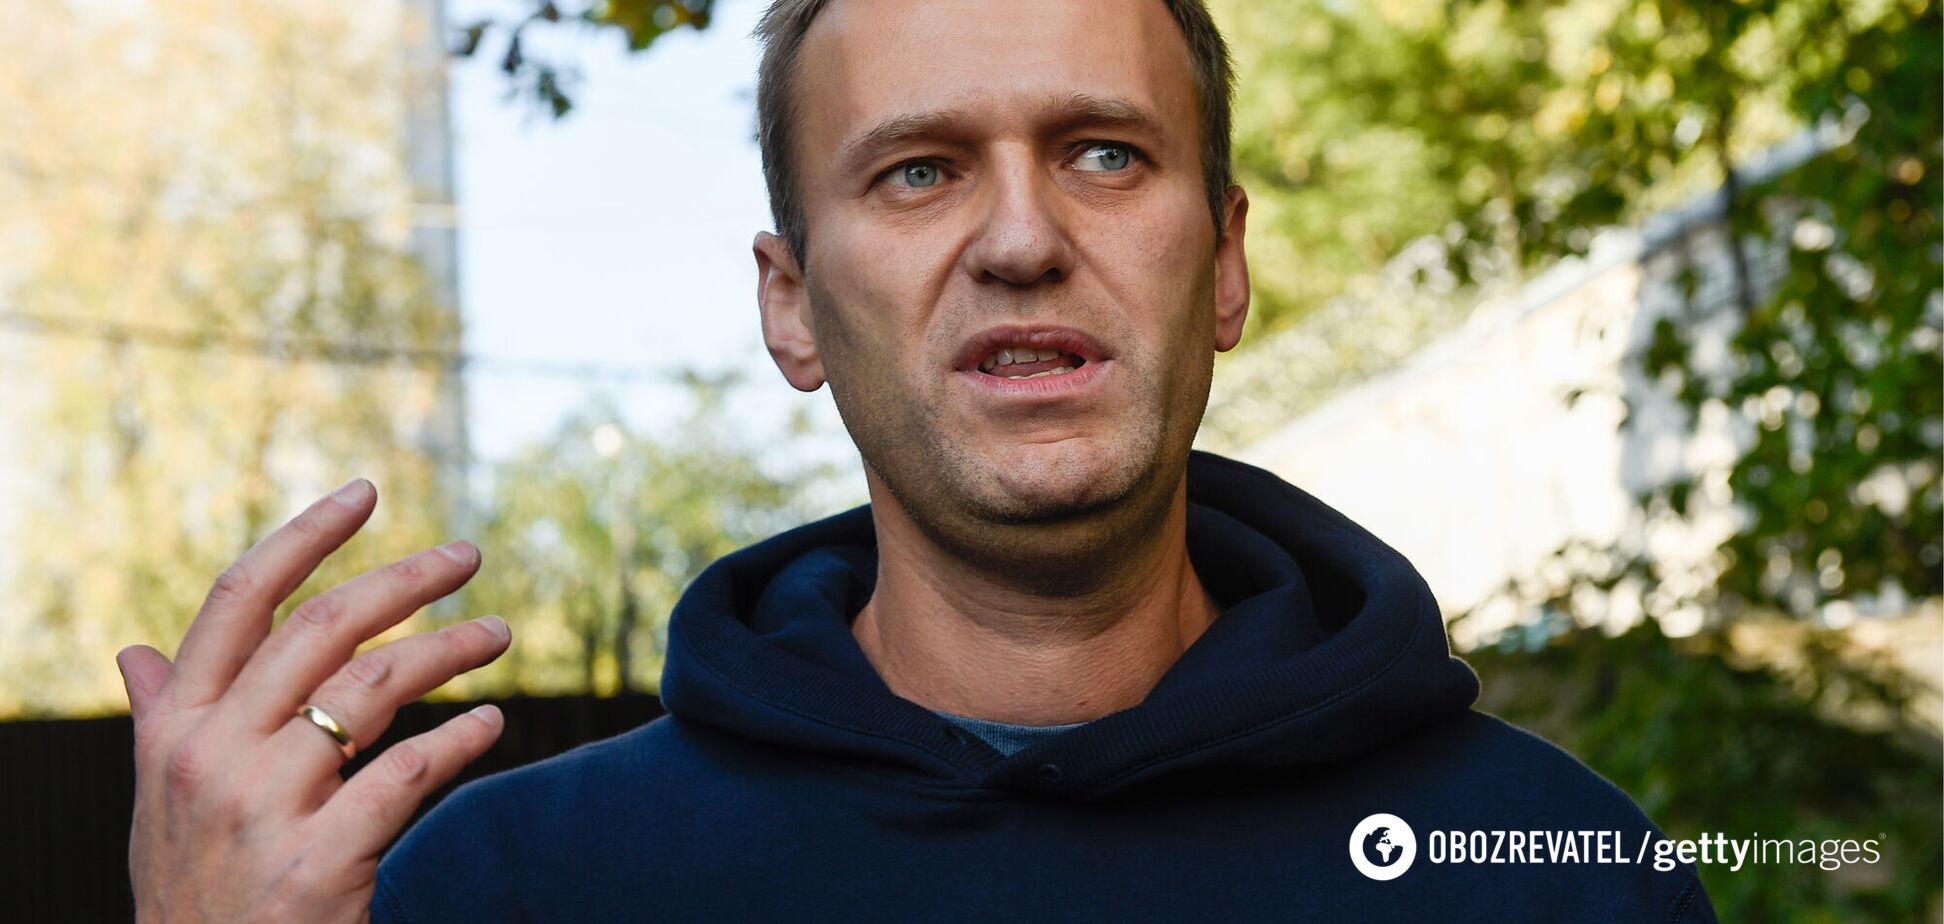 Балаган с Навальным: дело сшито белыми нитками